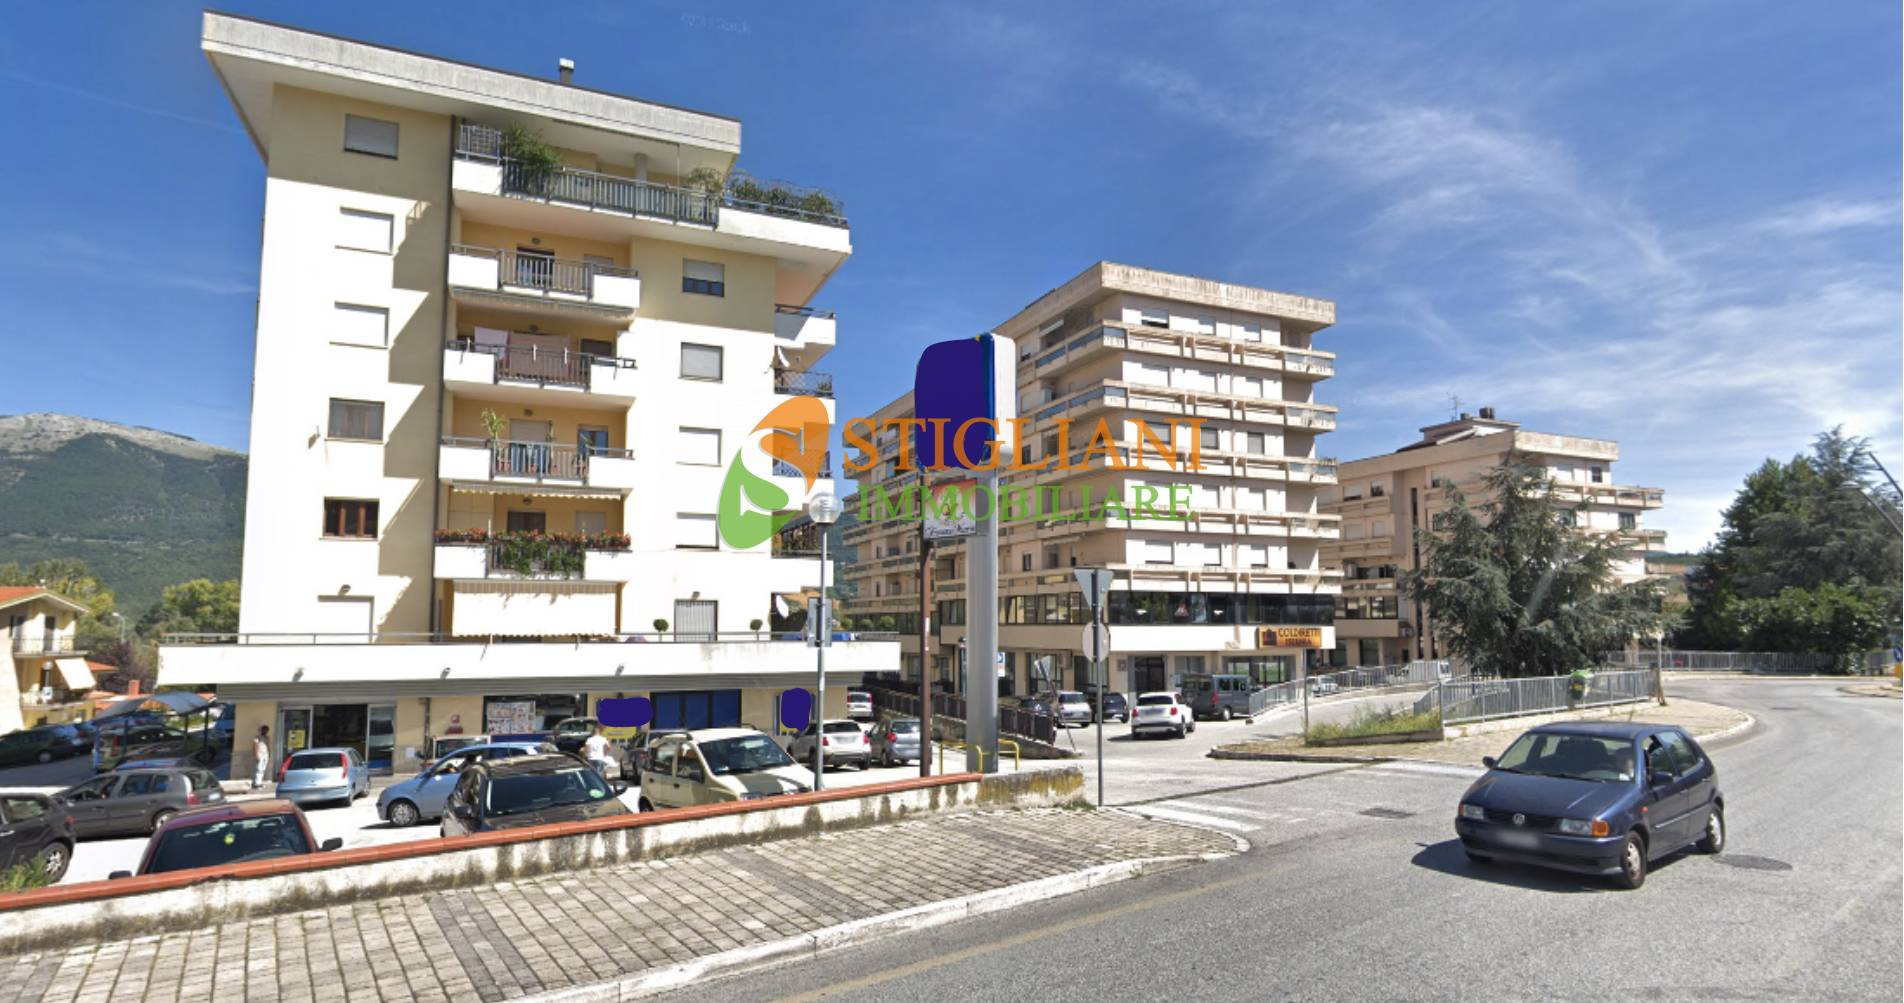 Negozio / Locale in affitto a Isernia, 9999 locali, zona Località: VialeDeiPentri, Trattative riservate | CambioCasa.it